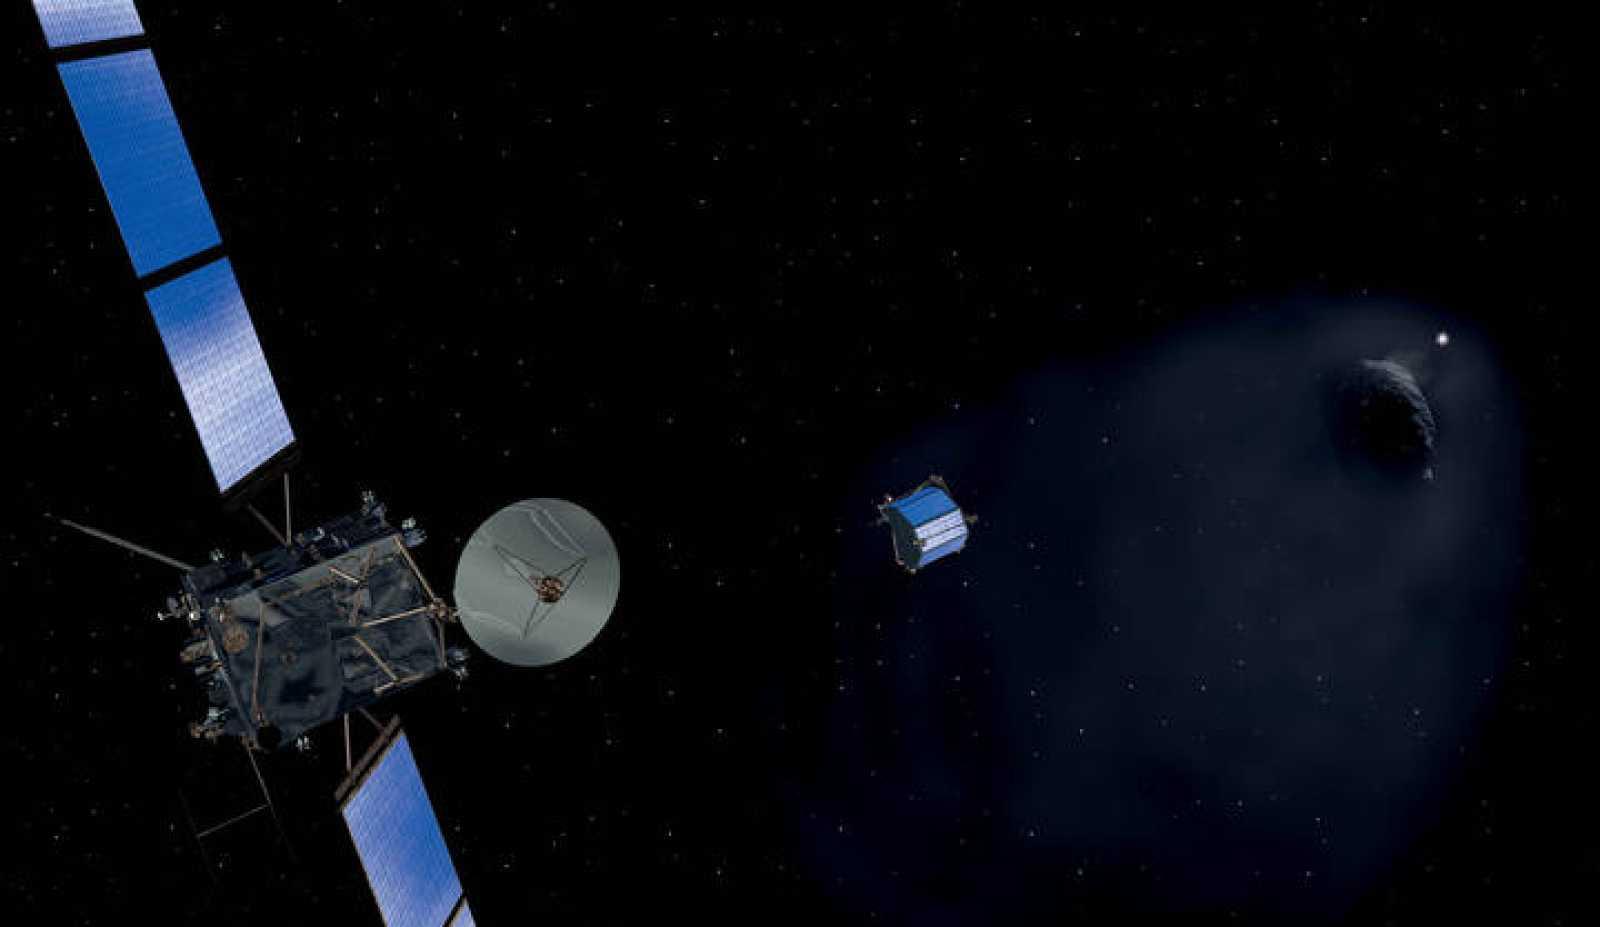 Rosetta a la 'caza' del cometa 67P/Churyumov-Gerasimenko.